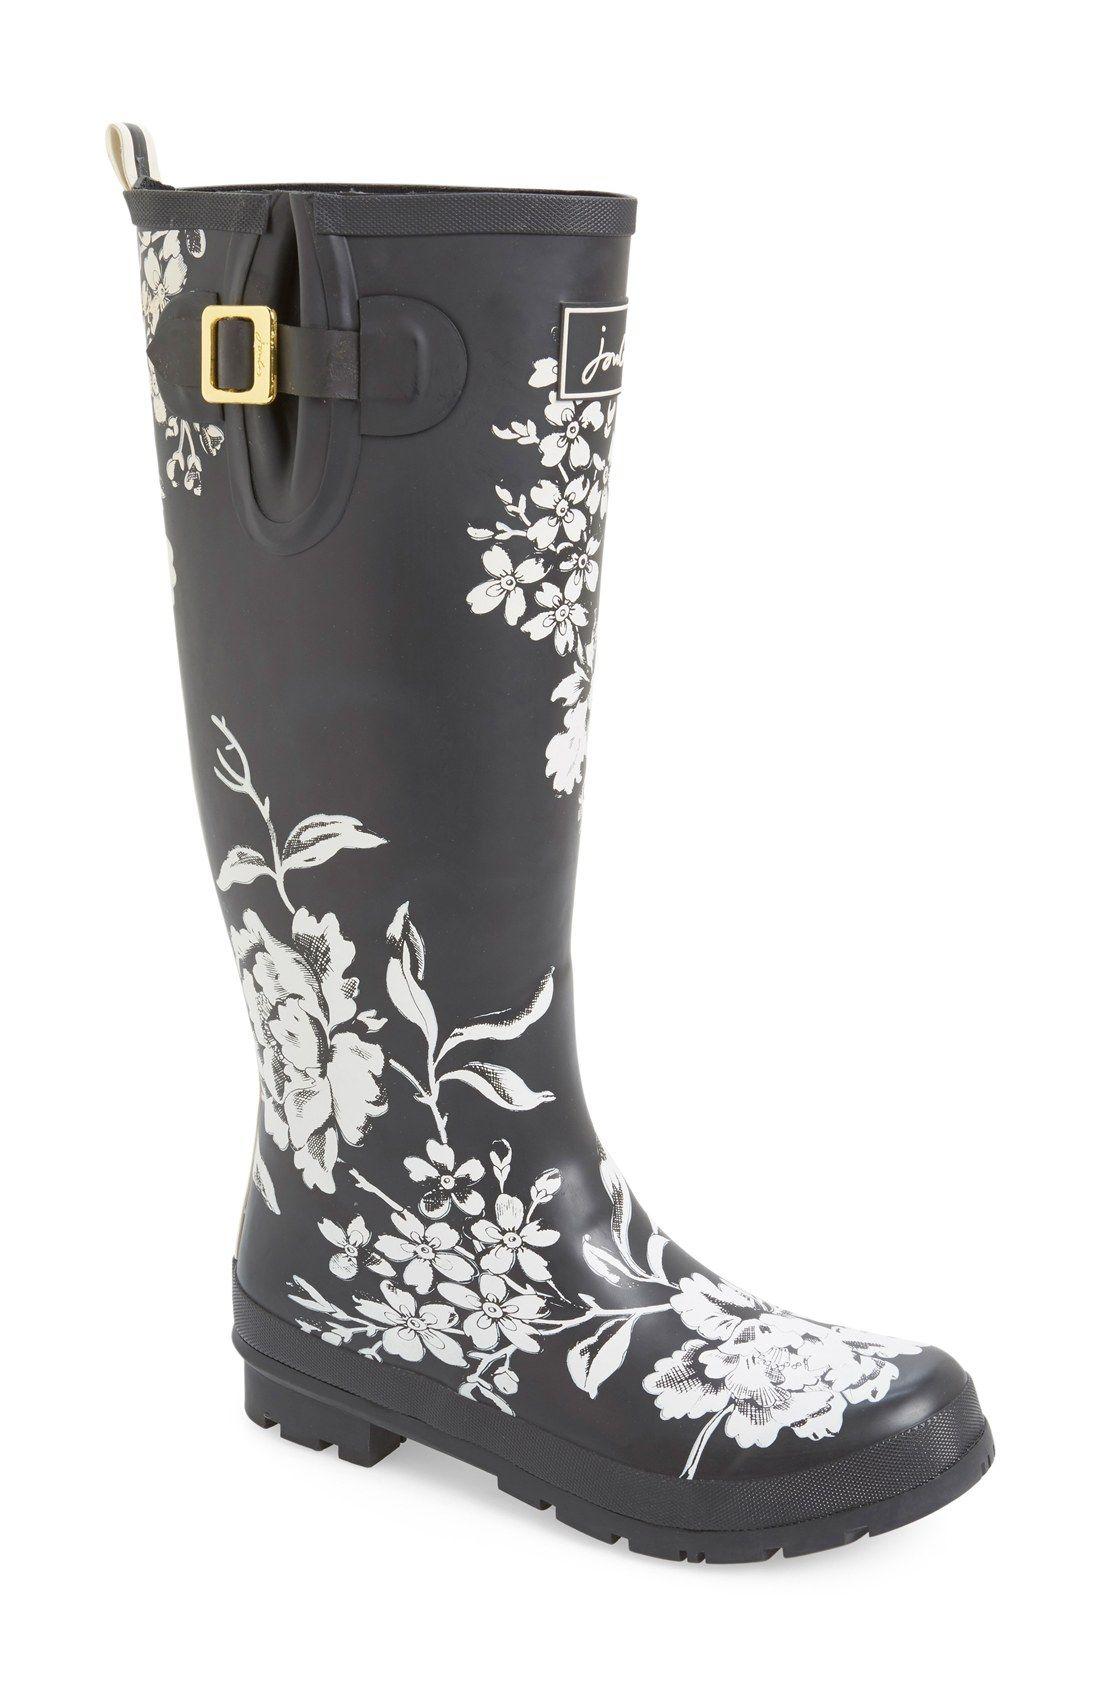 Welly' Print Rain Boot